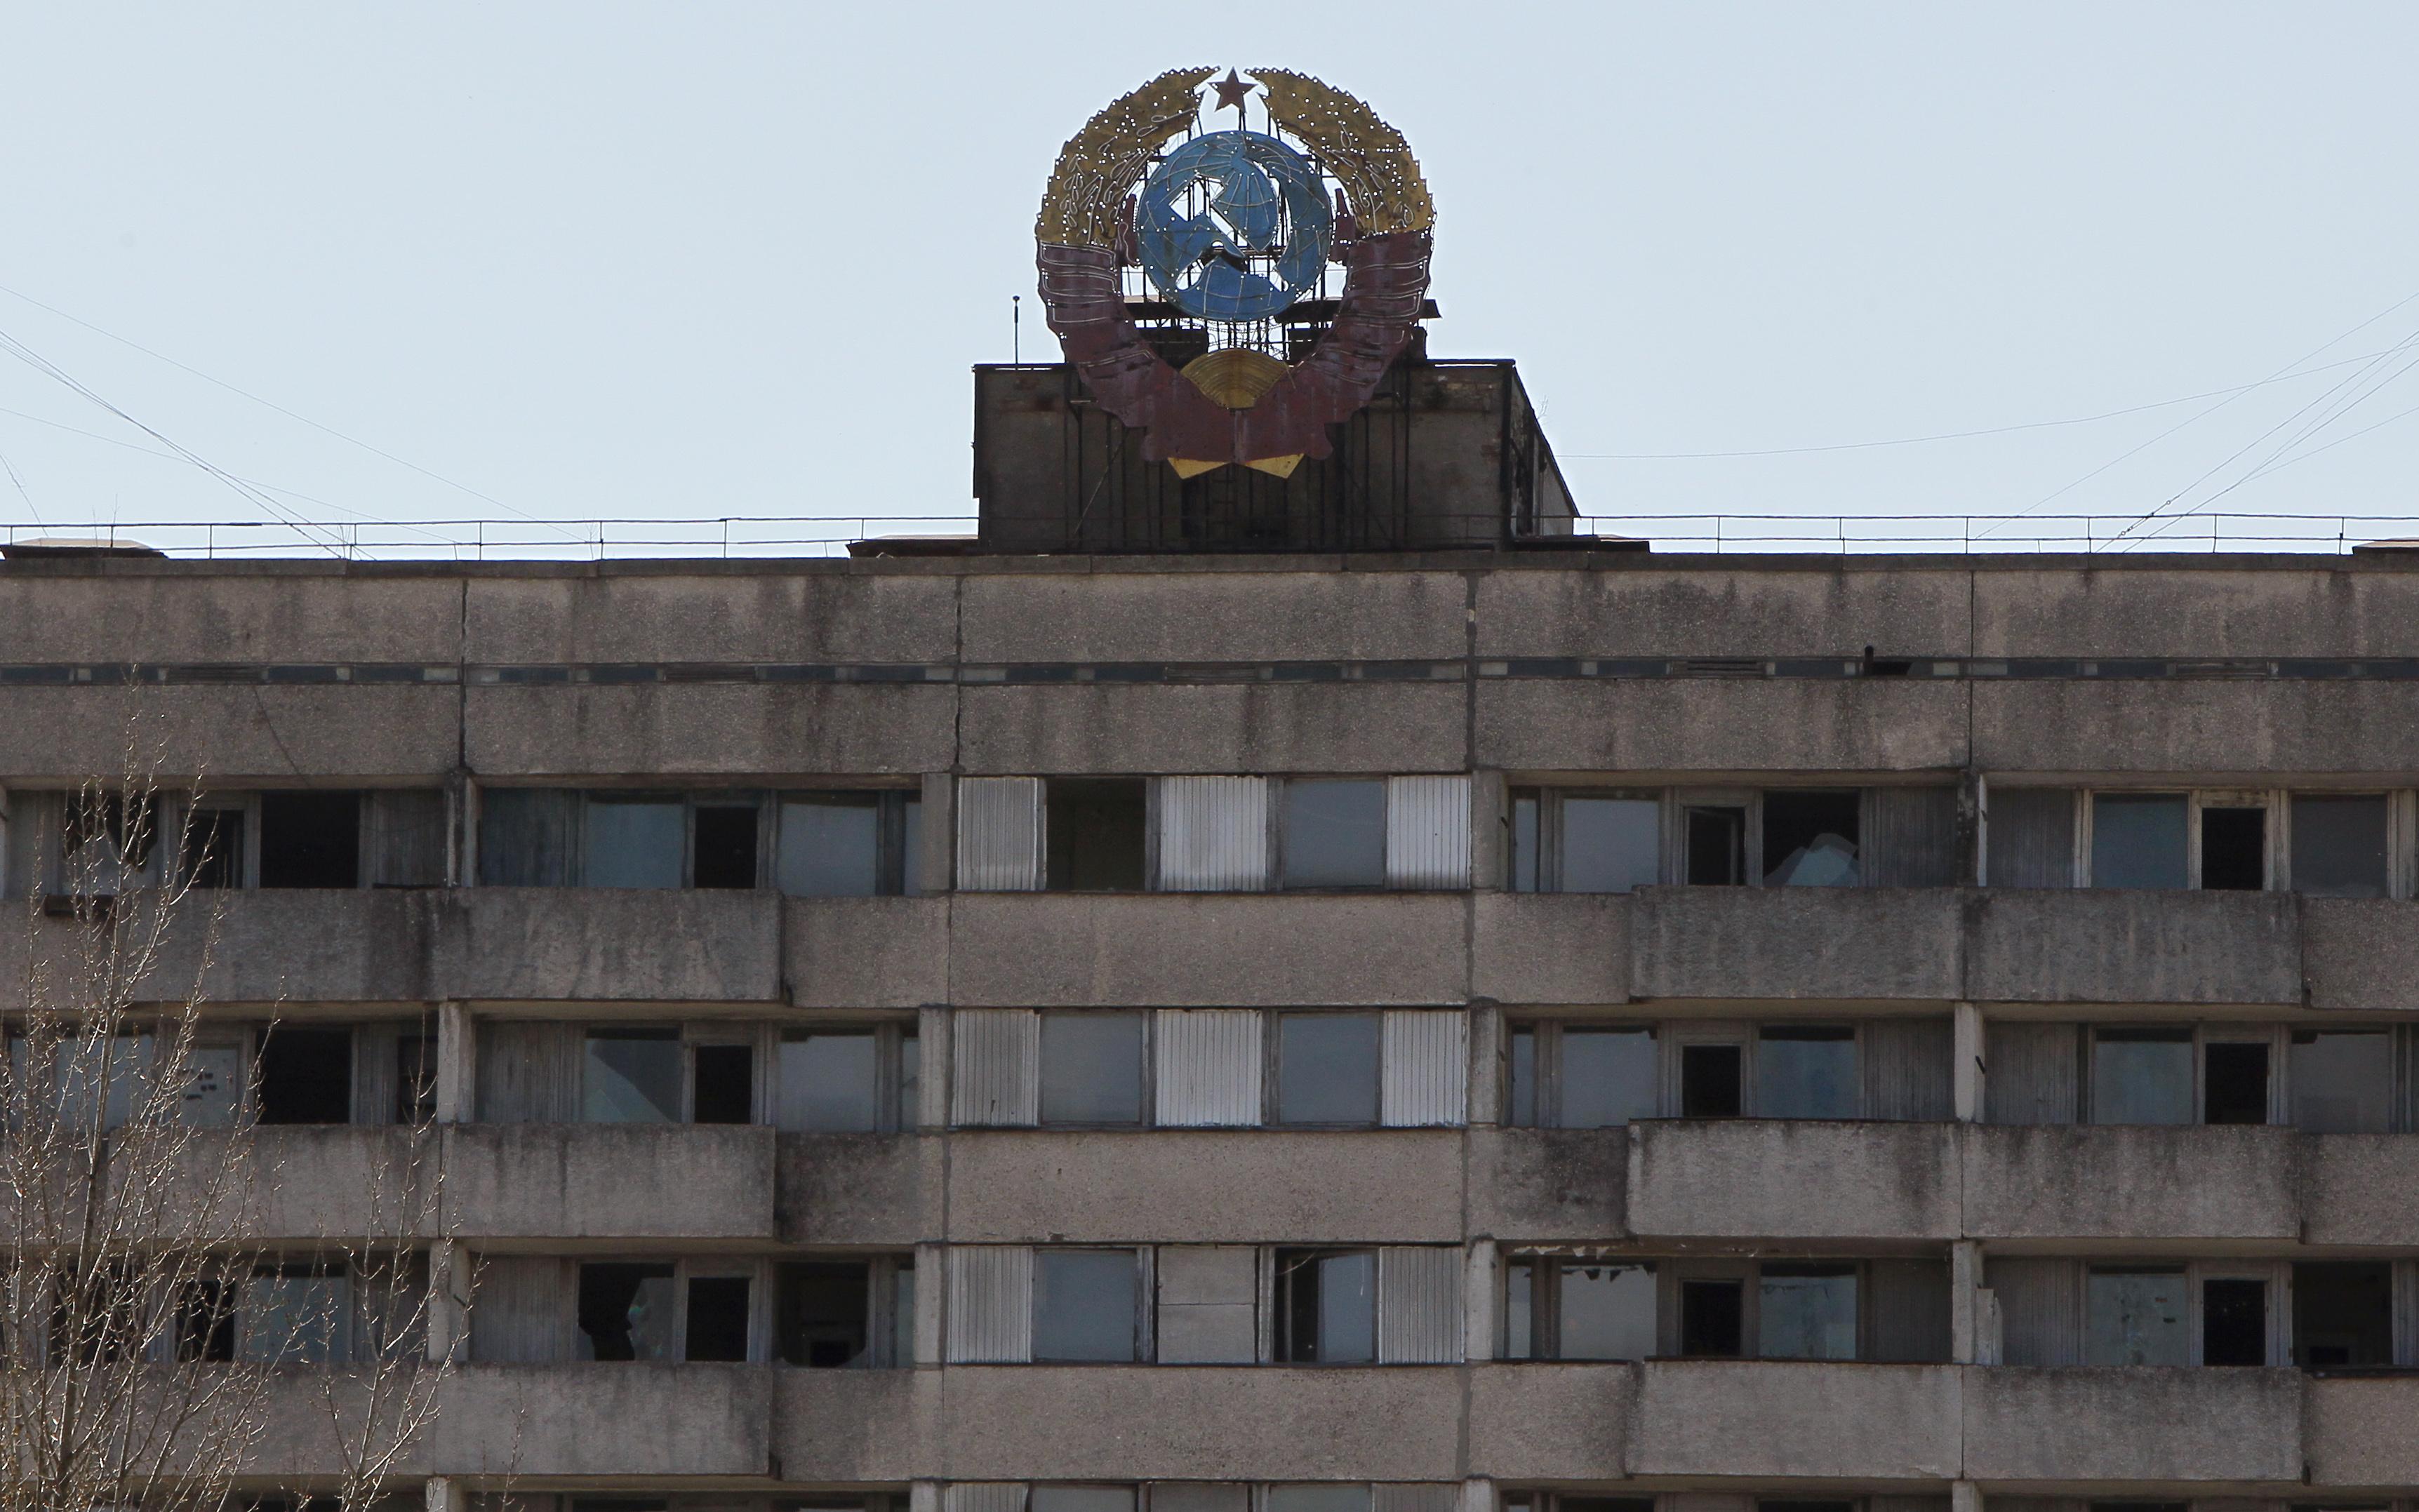 בניינים, גני ילדים וערים נטושות סביב צ'רנוביל / צילום: Gleb Garanich, רויטרס